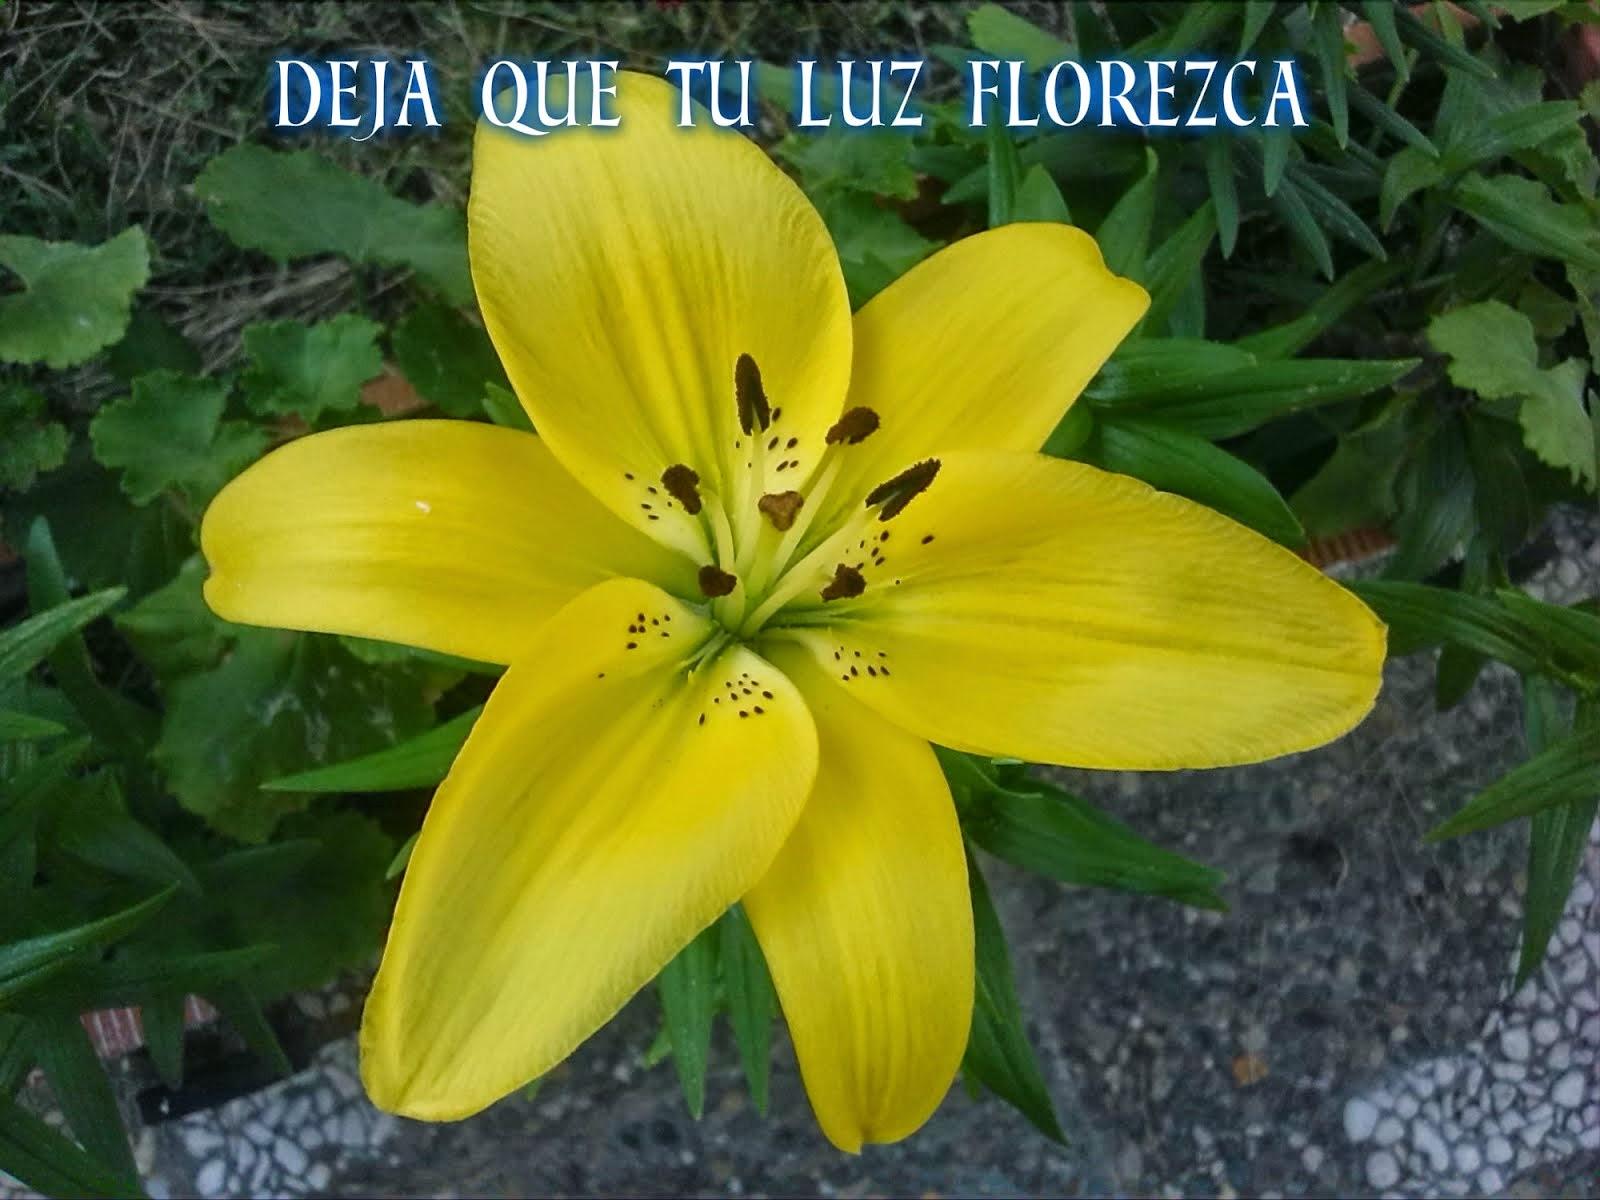 Deja que tu luz florezca